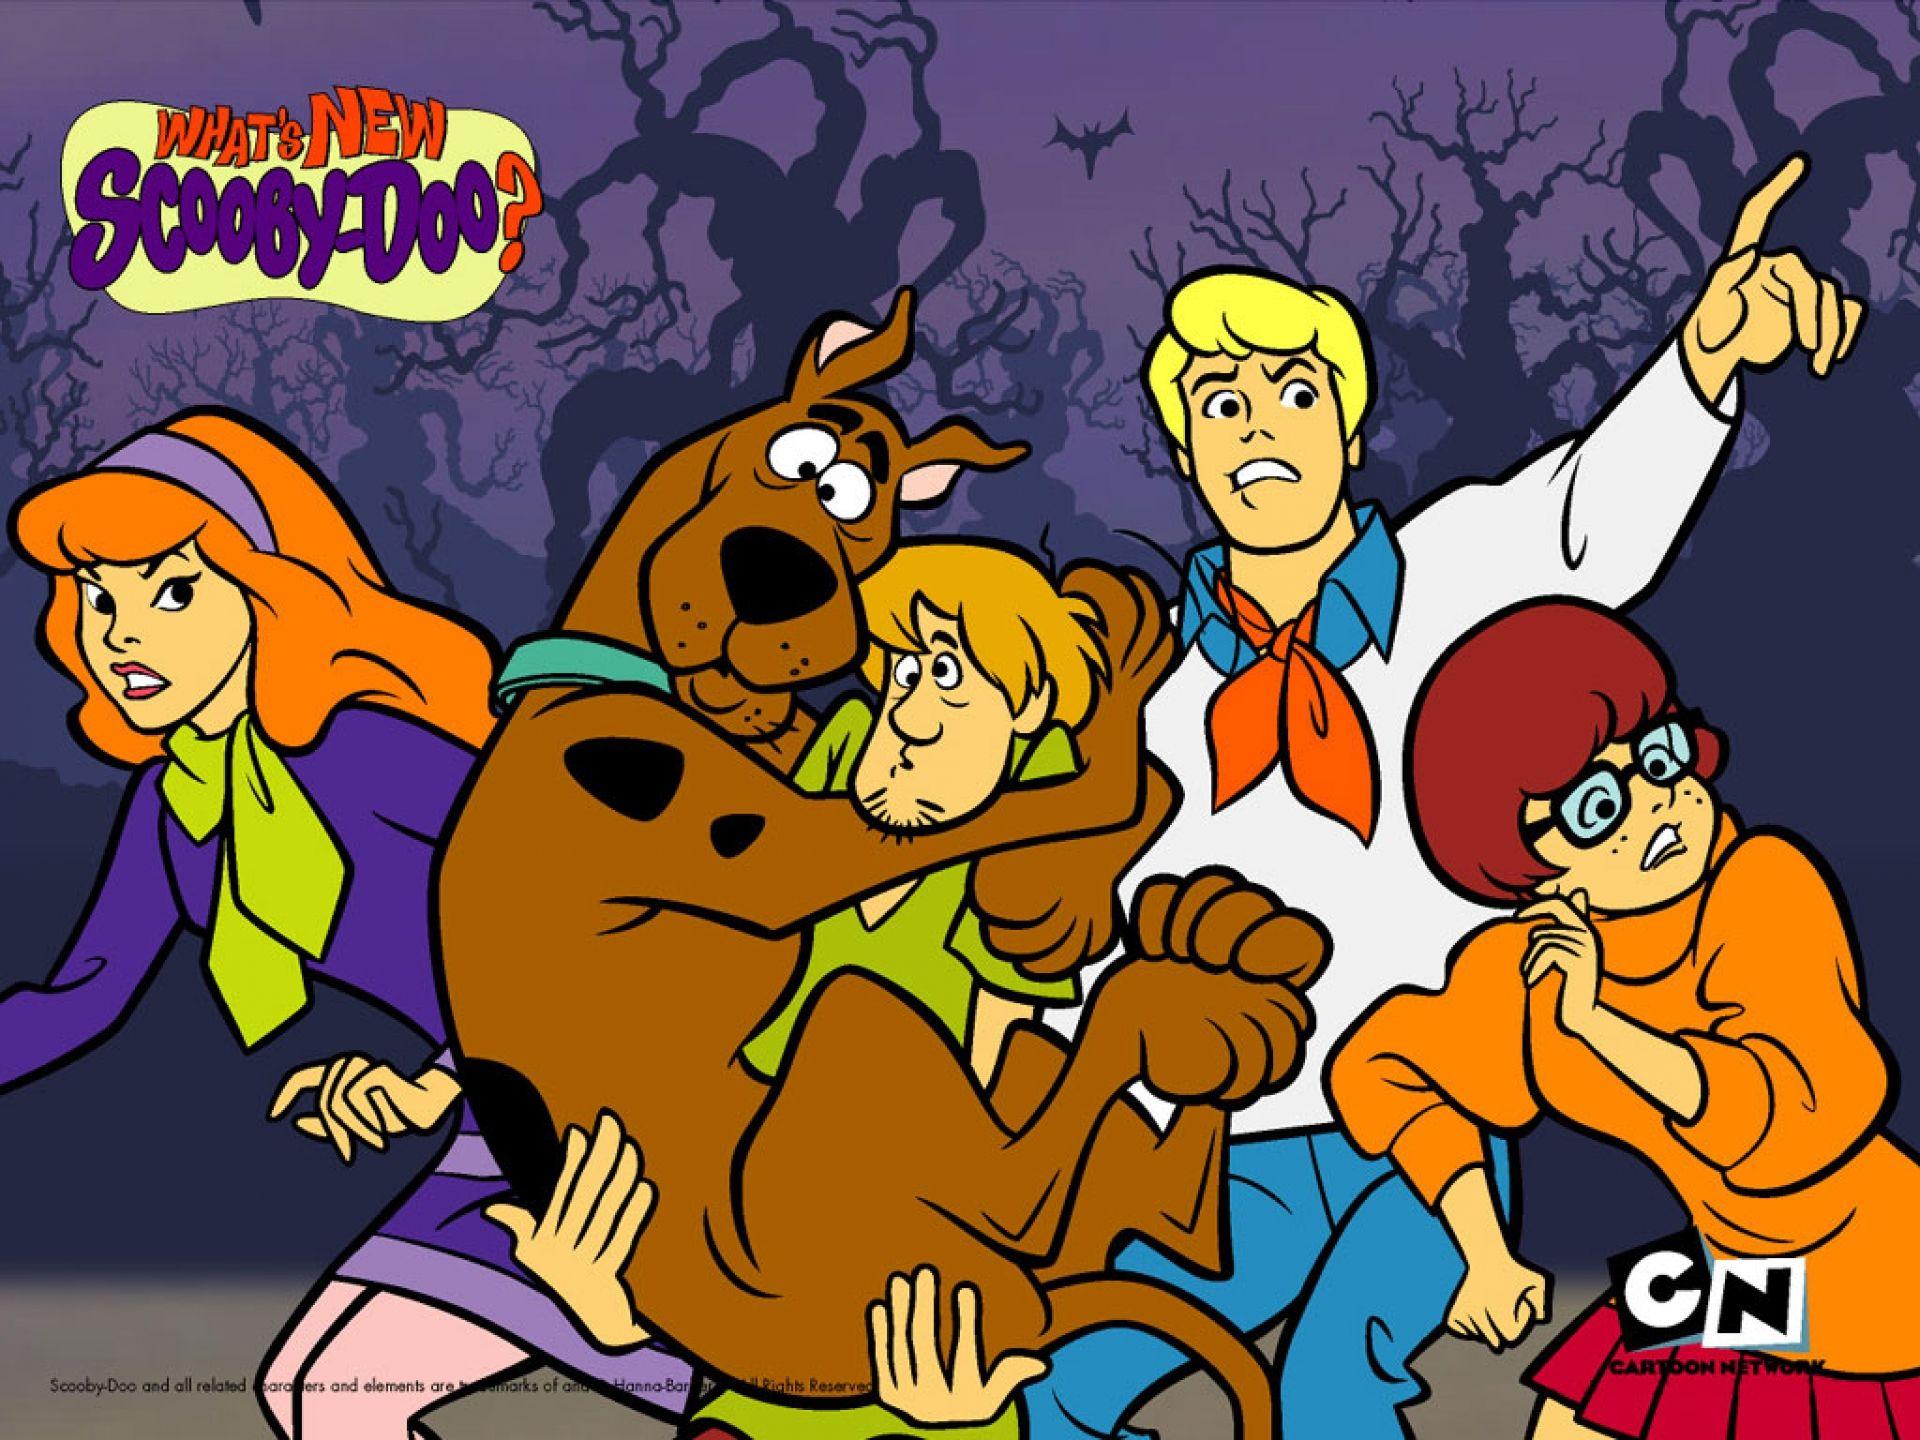 explorez enfance serie dessin anim et plus encore scooby doo - Dessin Anim Scooby Doo